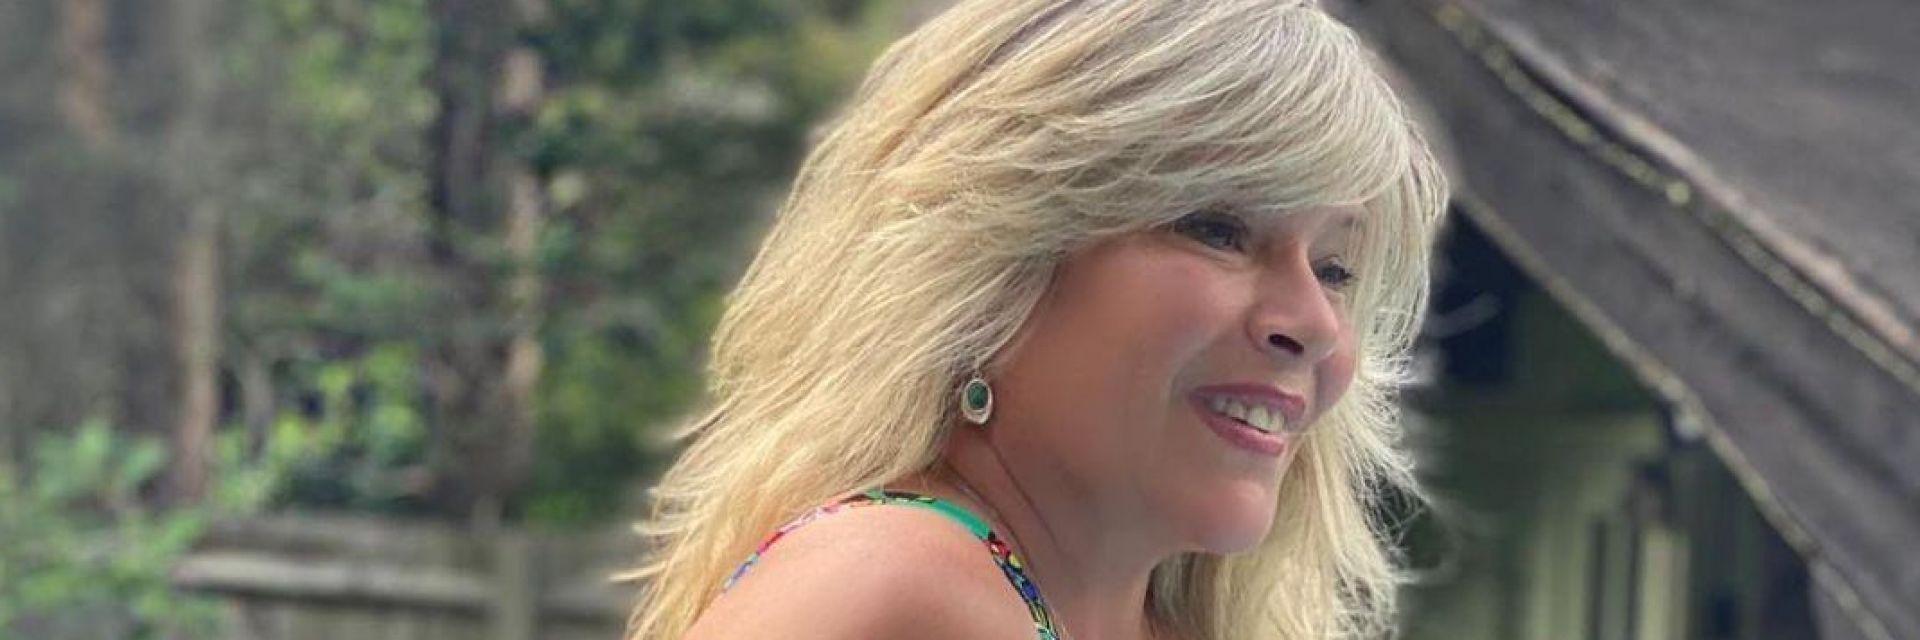 Саманта Фокс се сбогува с лятото край речен бряг в норвежко село